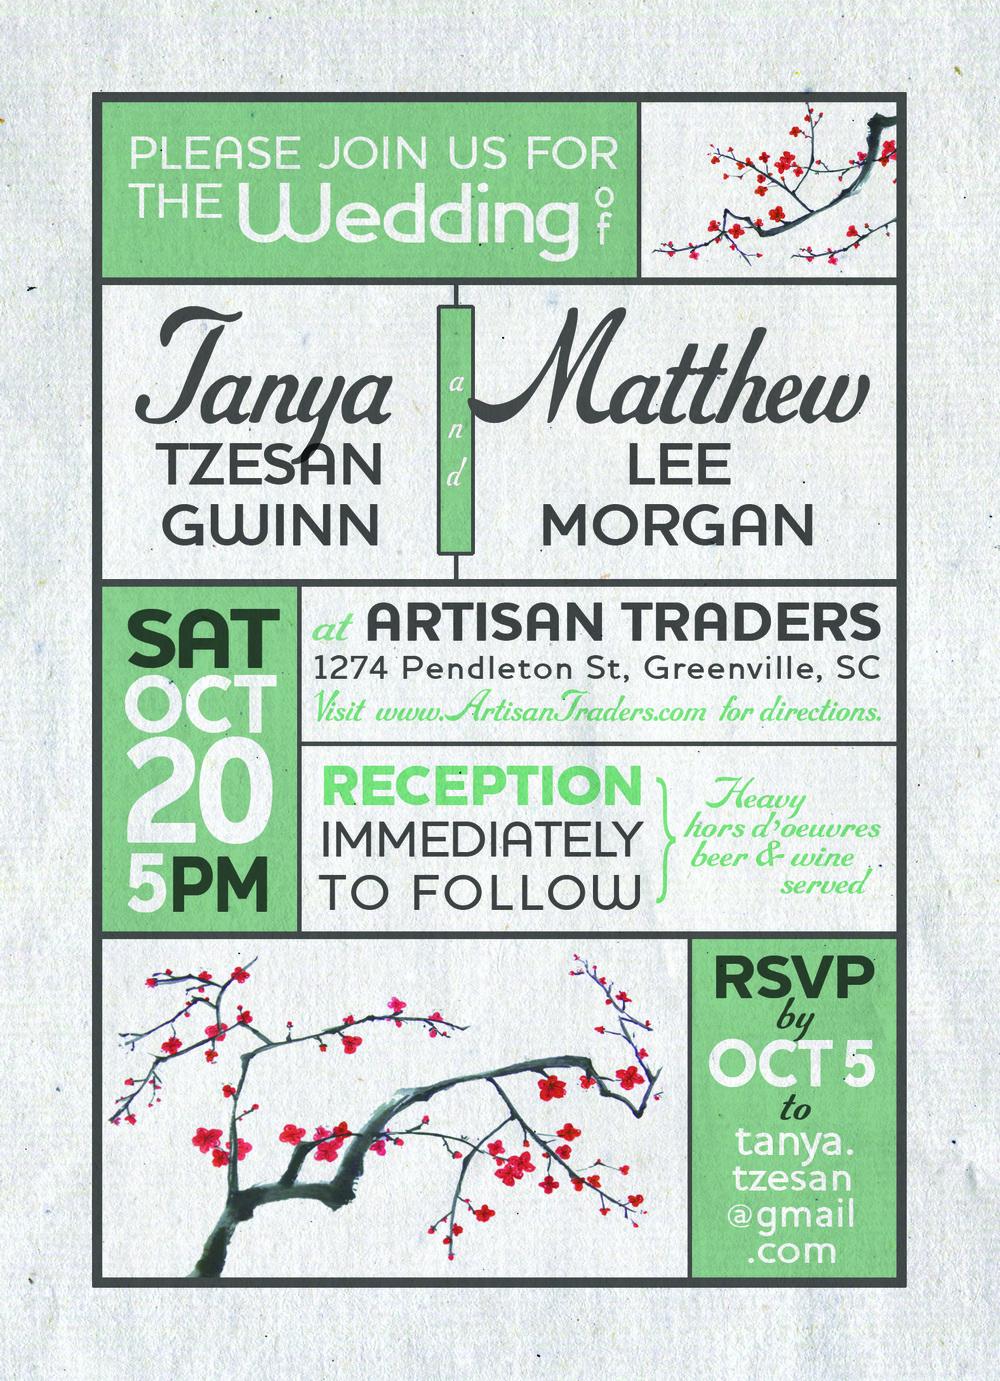 Wedding Invitation for Matt and Tanya Morgan